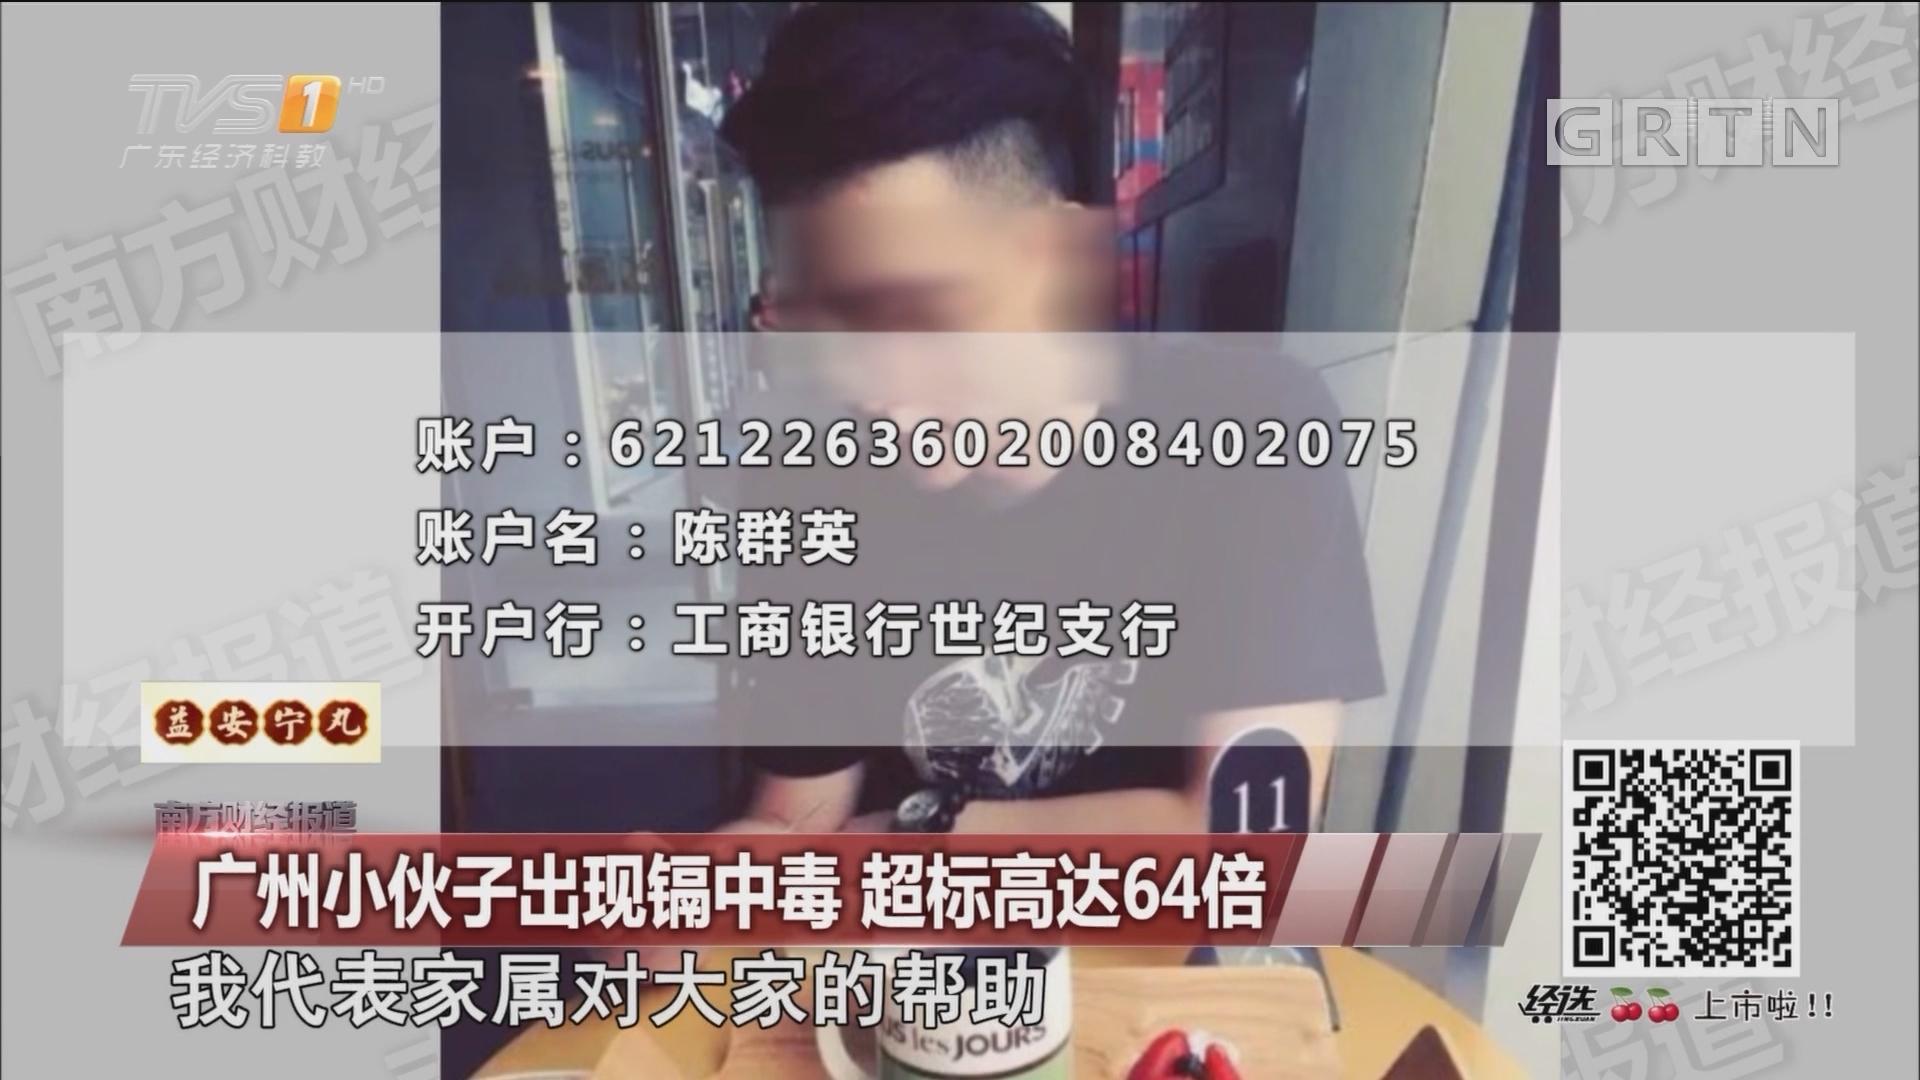 广州小伙子出现镉中毒 超标高达64倍